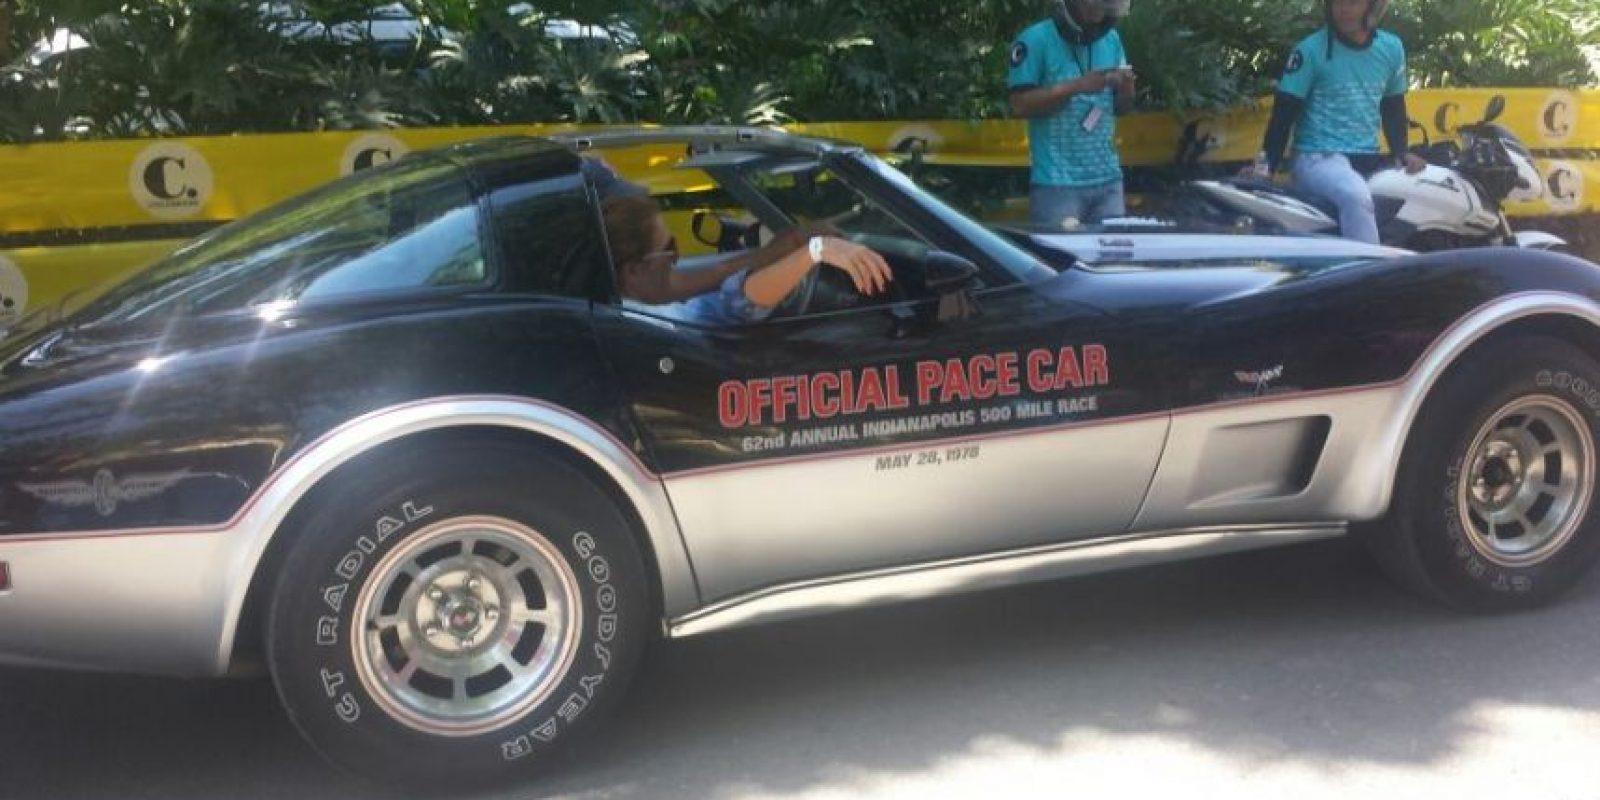 Chevrolet Corvette 1978 – edición 500 millas de Indianápolis Foto:Ariadne Agámez – Publimetro